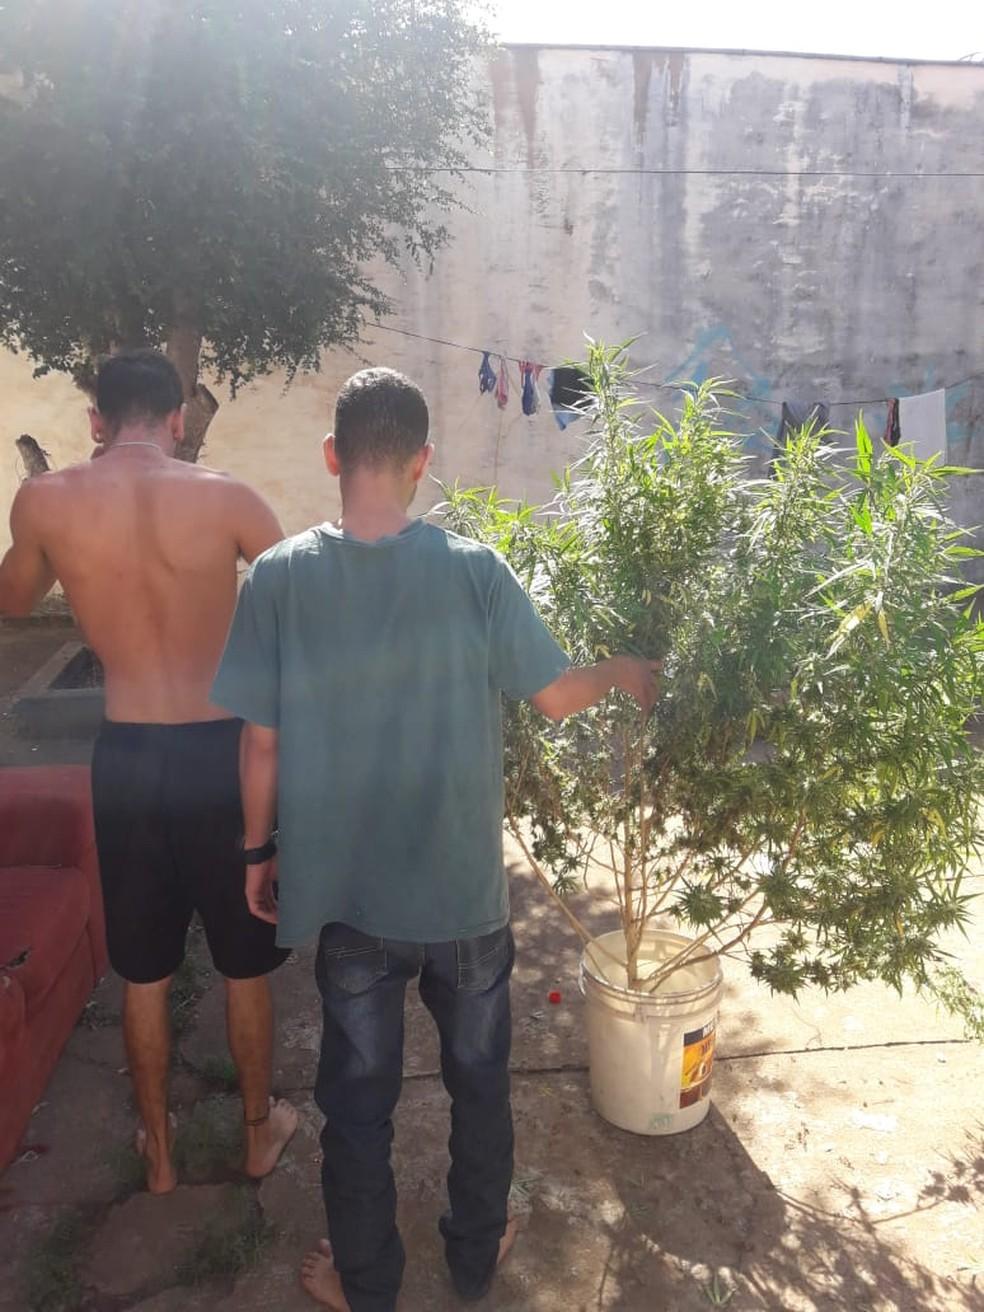 Polícia identificou jovem que plantou maconha e também conversou com usuários no local em MS --- Foto: Polícia Civil/Divulgação